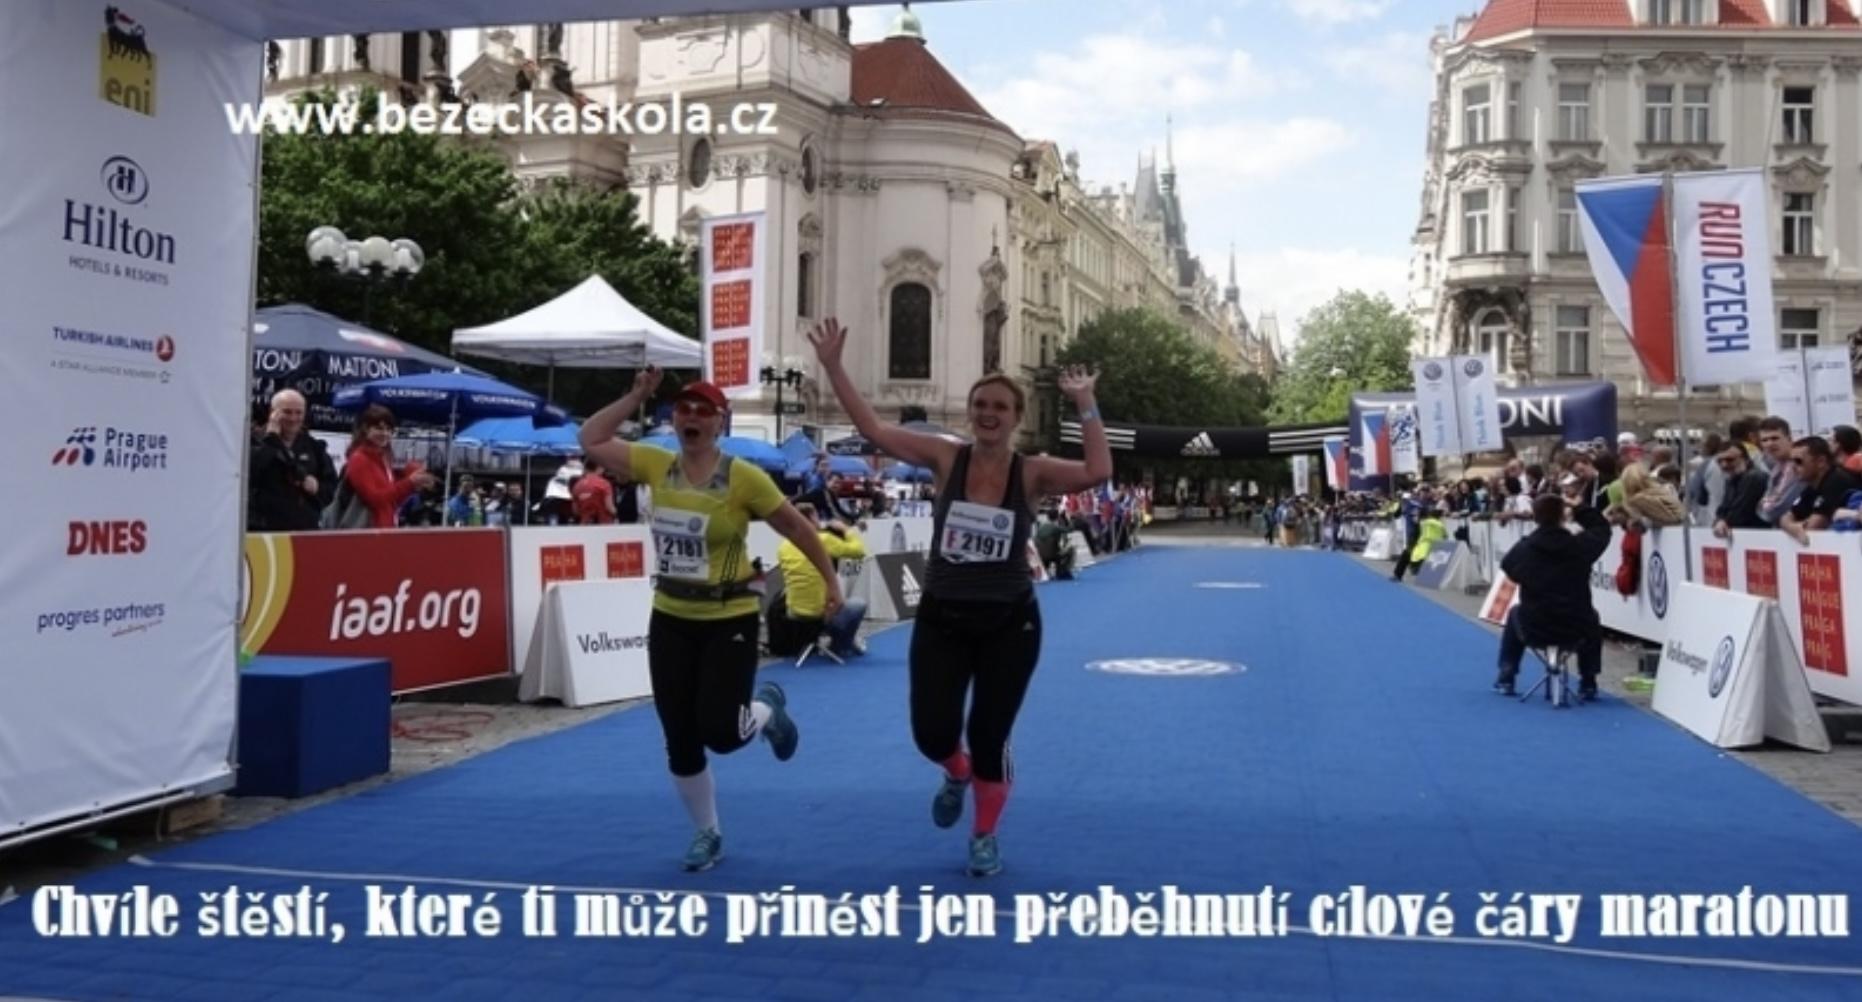 Maraton se běží za dva dny, je třeba se na něj pořádně vyspat